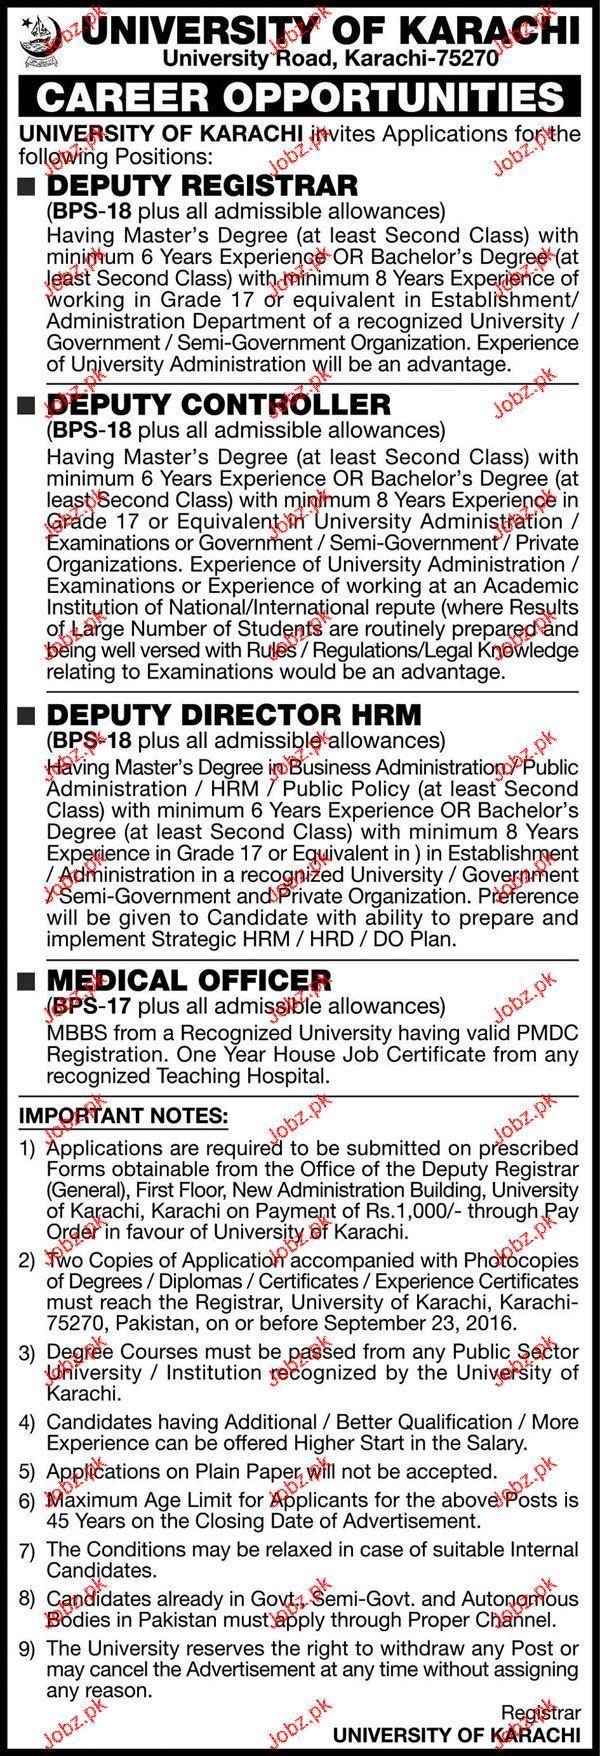 Deputy Registrar, Deputy Controllers Job in University